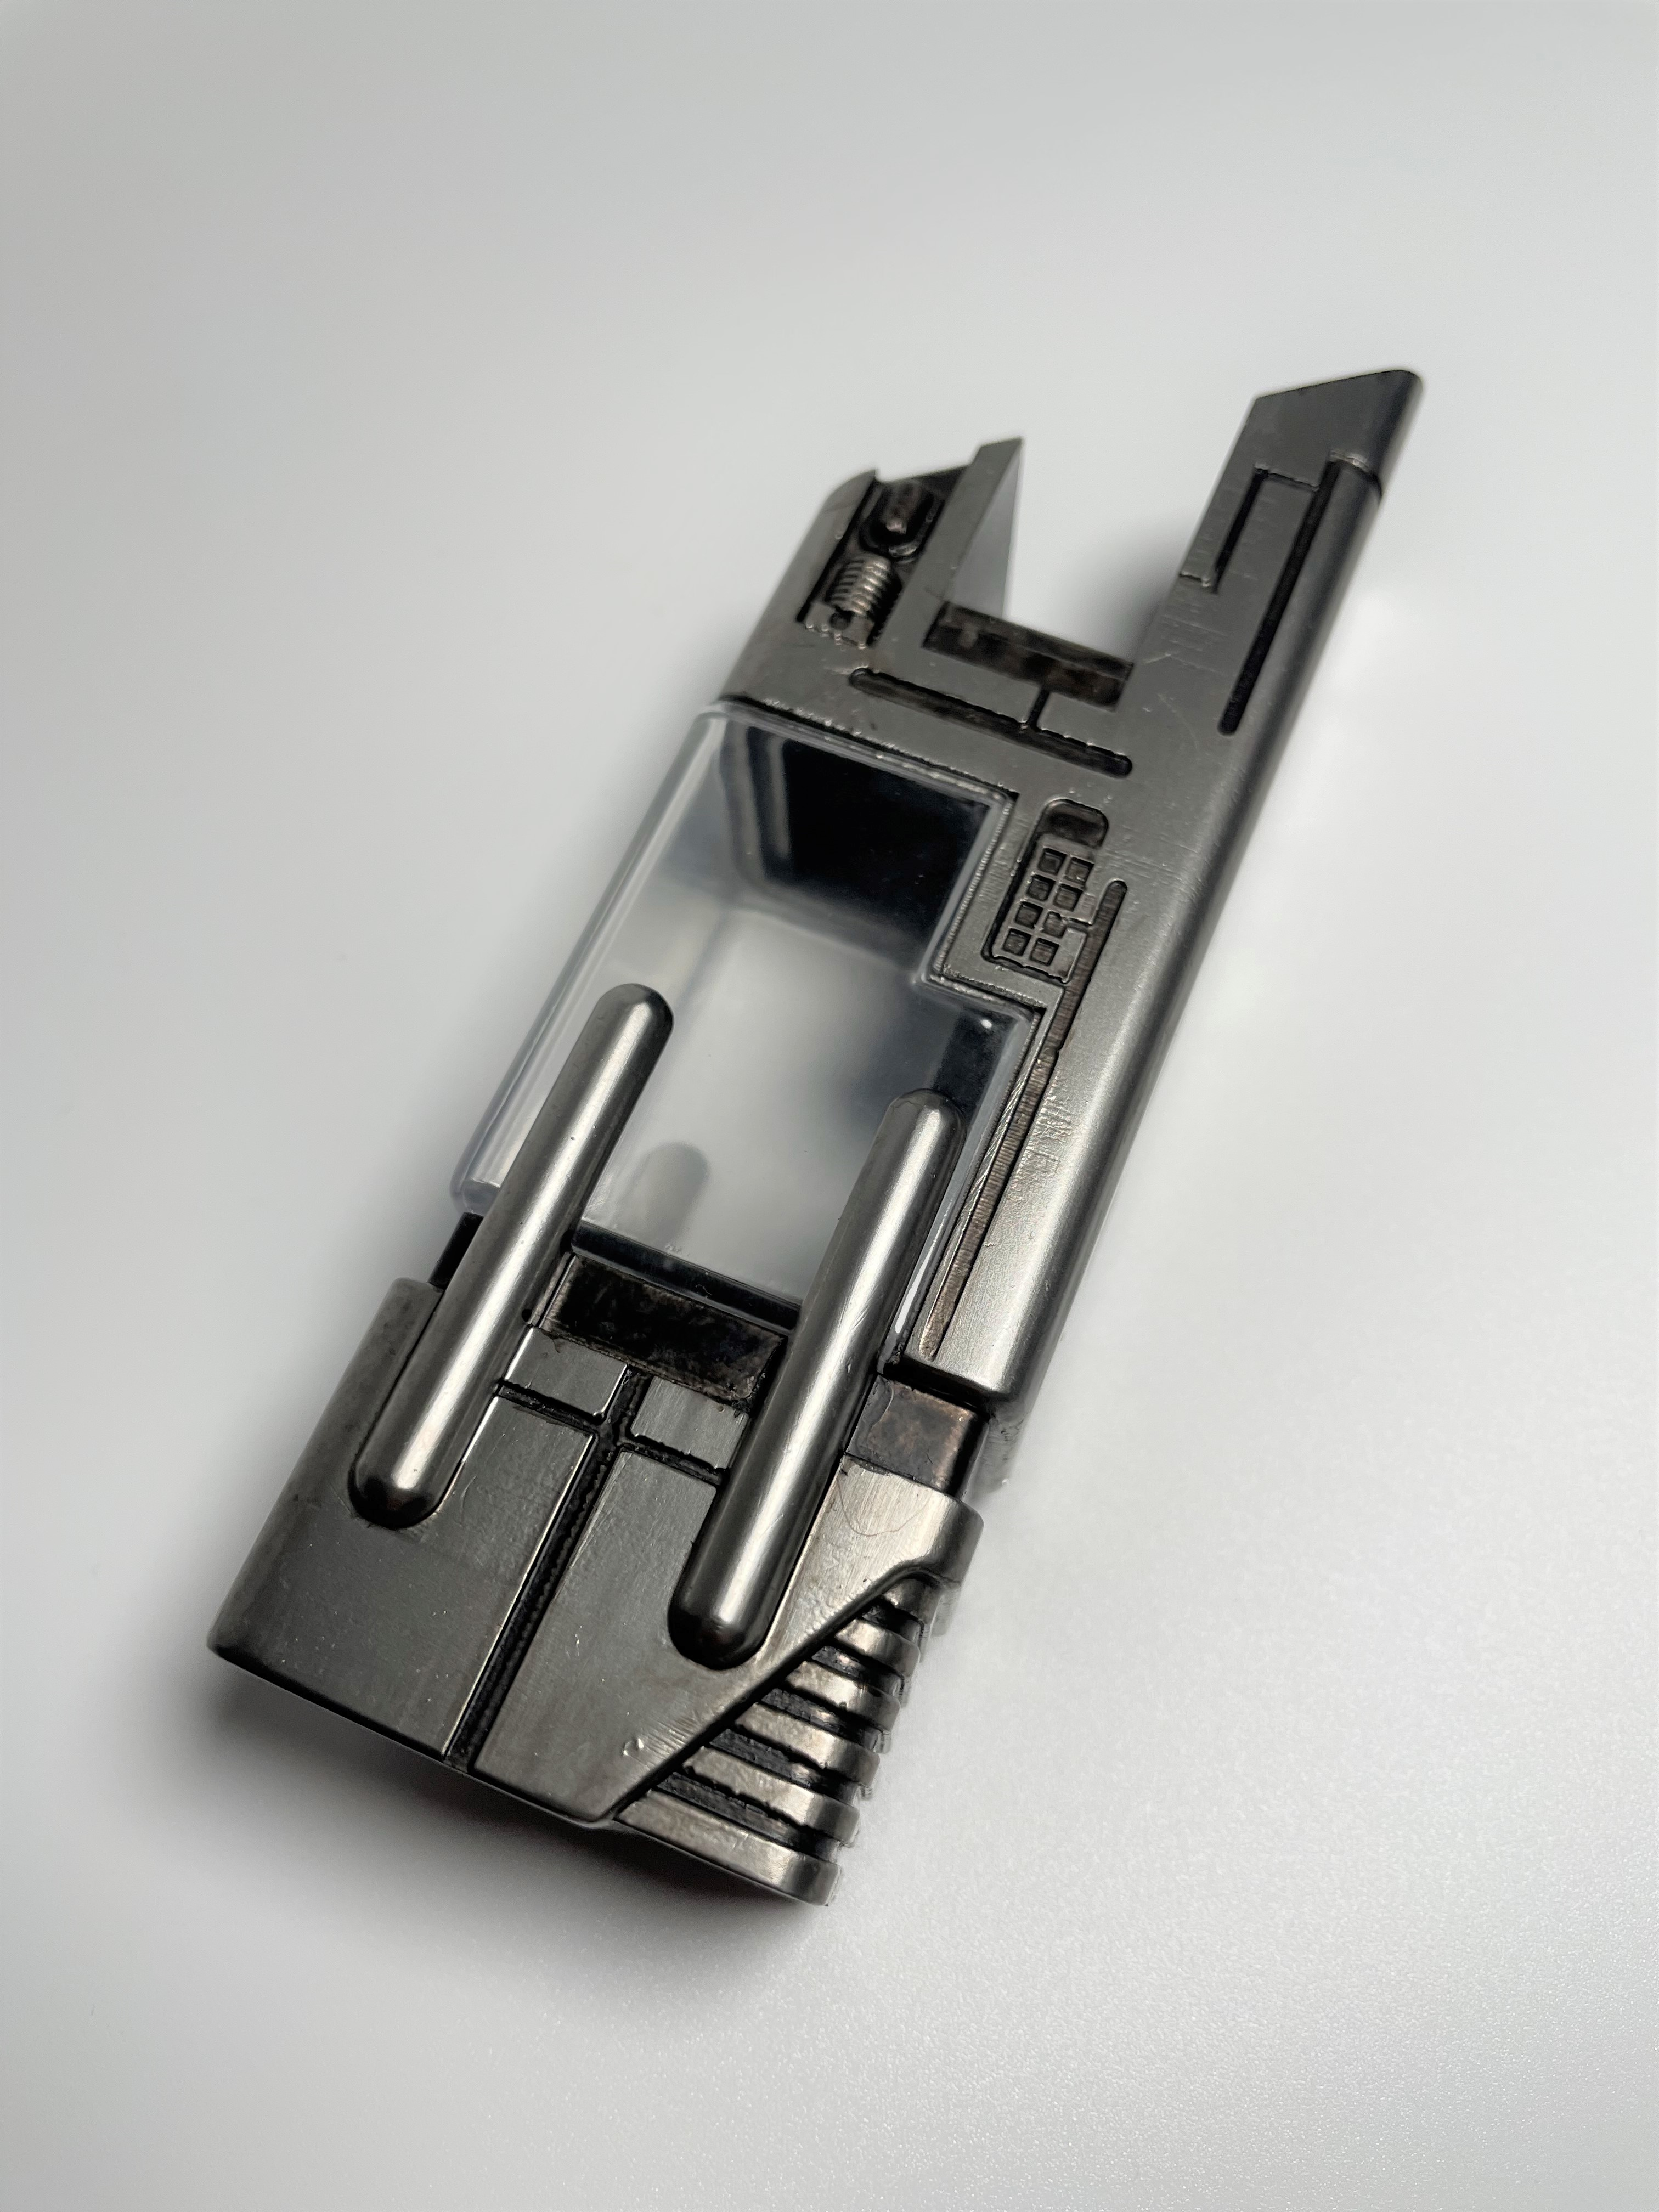 T-800 fuel cell (3).JPG